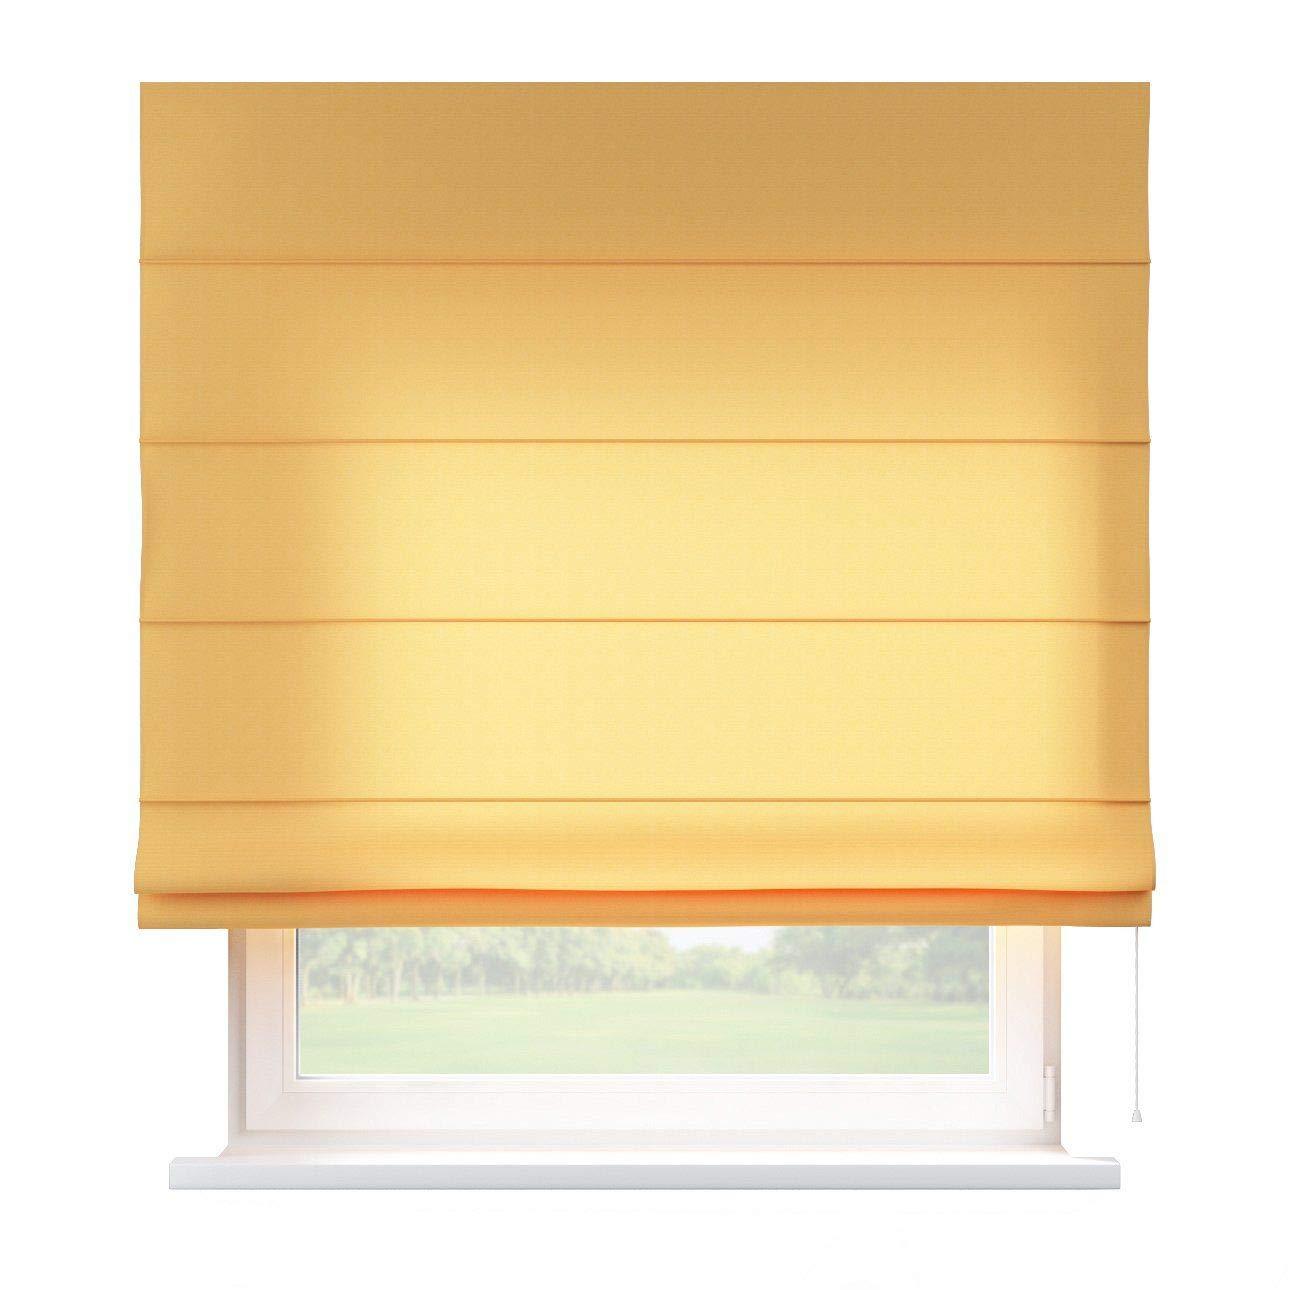 Dekoria Raffrollo Capri ohne Bohren Blickdicht Faltvorhang Raffgardine Wohnzimmer Schlafzimmer Kinderzimmer 130 × 170 cm Gold-gelb Raffrollos auf Maß maßanfertigung möglich